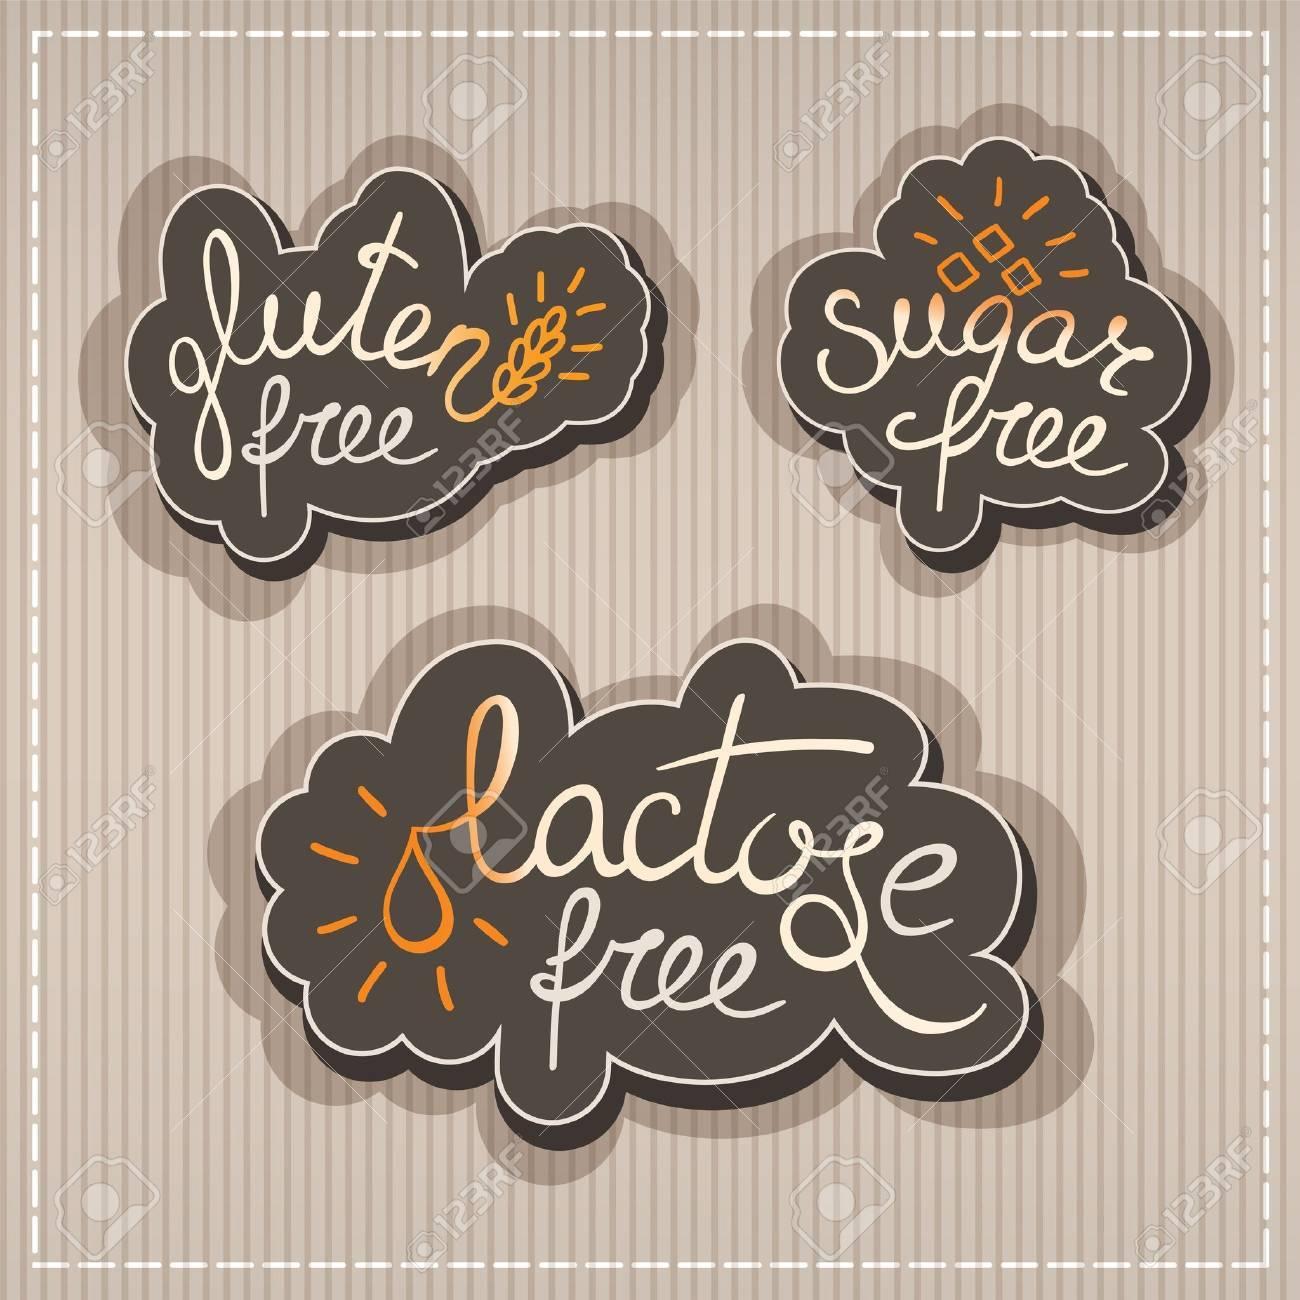 Handwritten Gluten, lactose, sugar free labels - 21932458